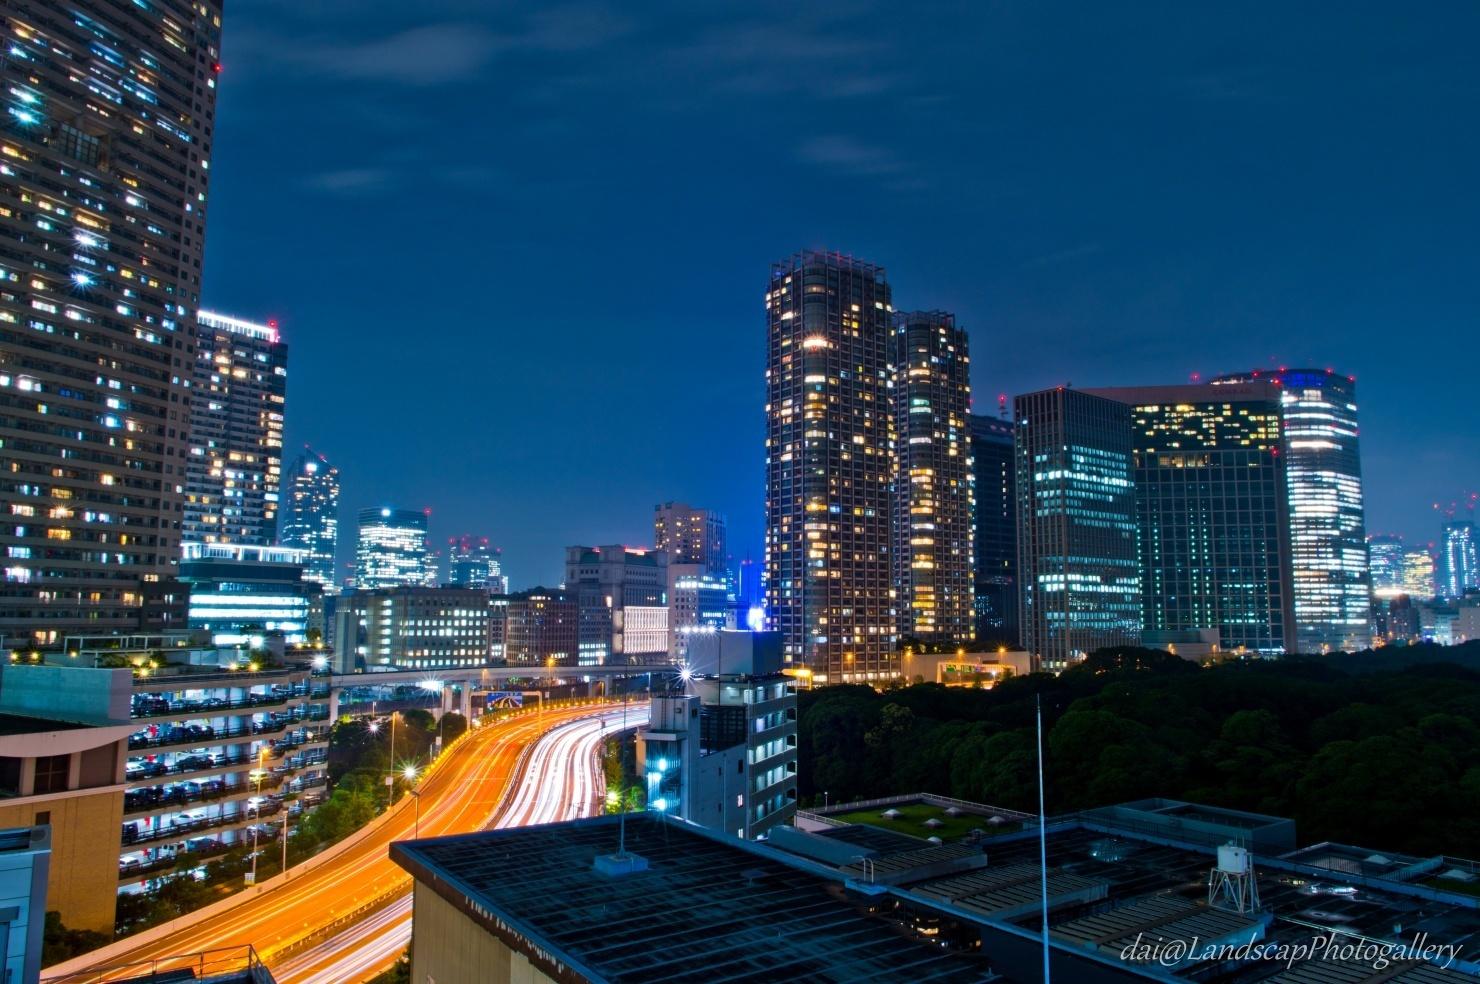 首都高光跡と汐留夜景